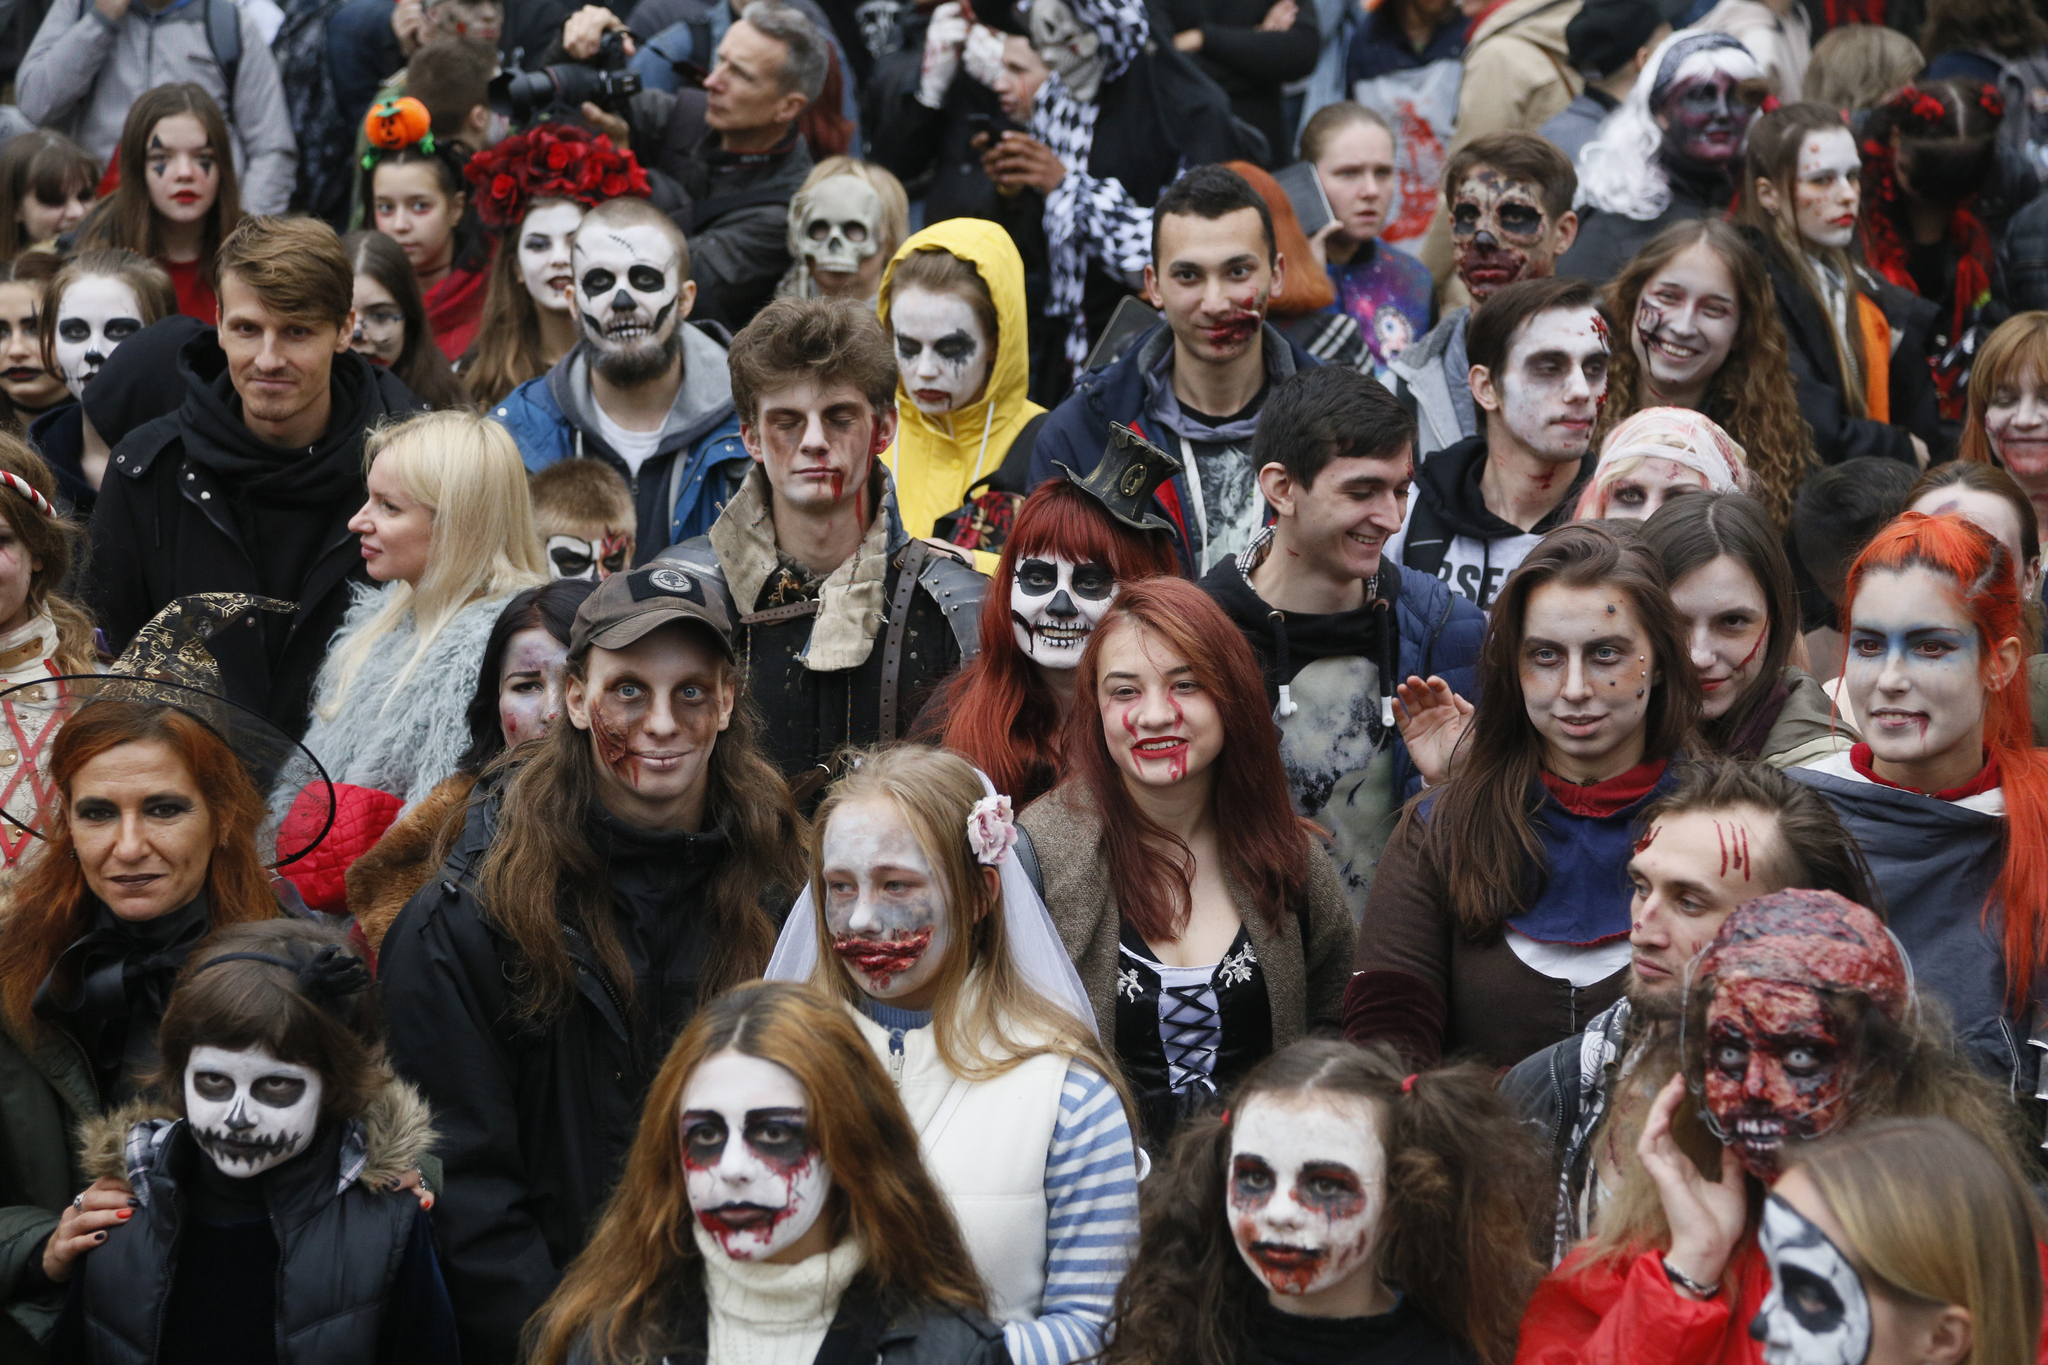 우크라이나 청소년들이 지난 26일(현지시간) 키예프에서 열린 핼러윈 좀비 퍼레이드에 참가하고 있다. [AP=연합뉴스]